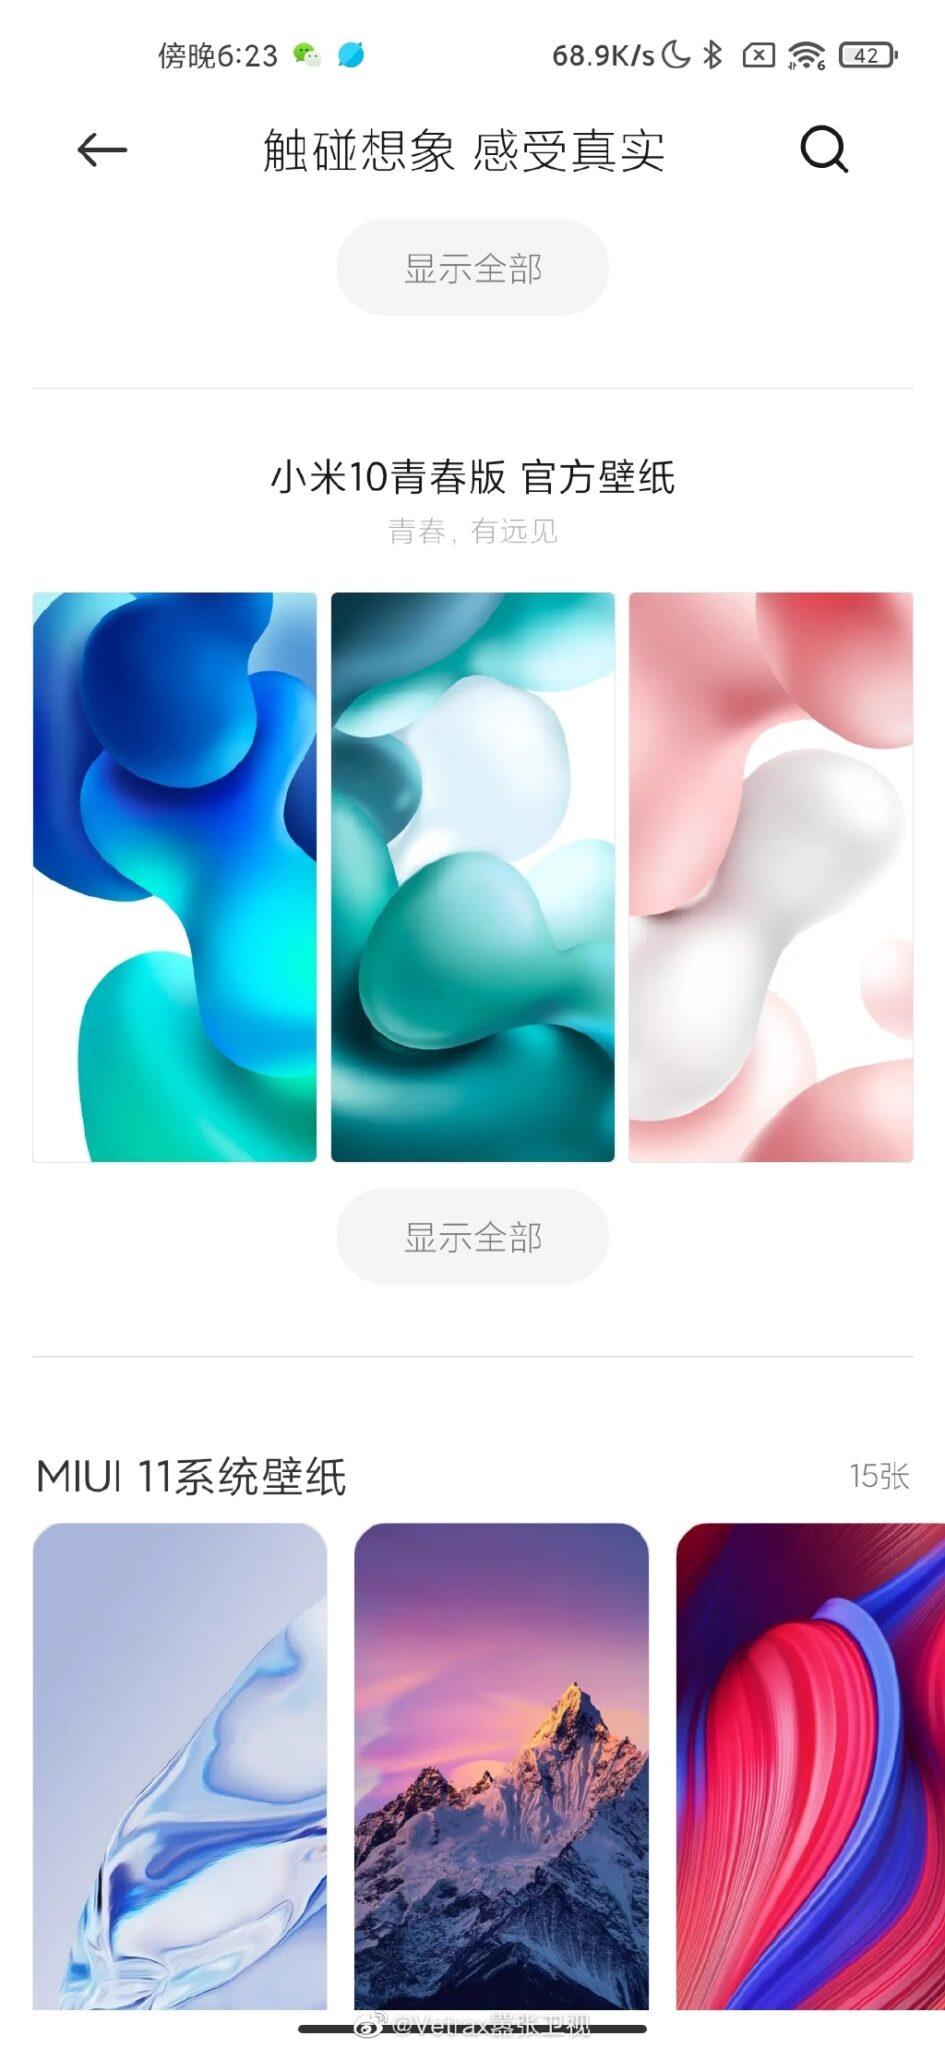 Презентация и обзор MIUI 12